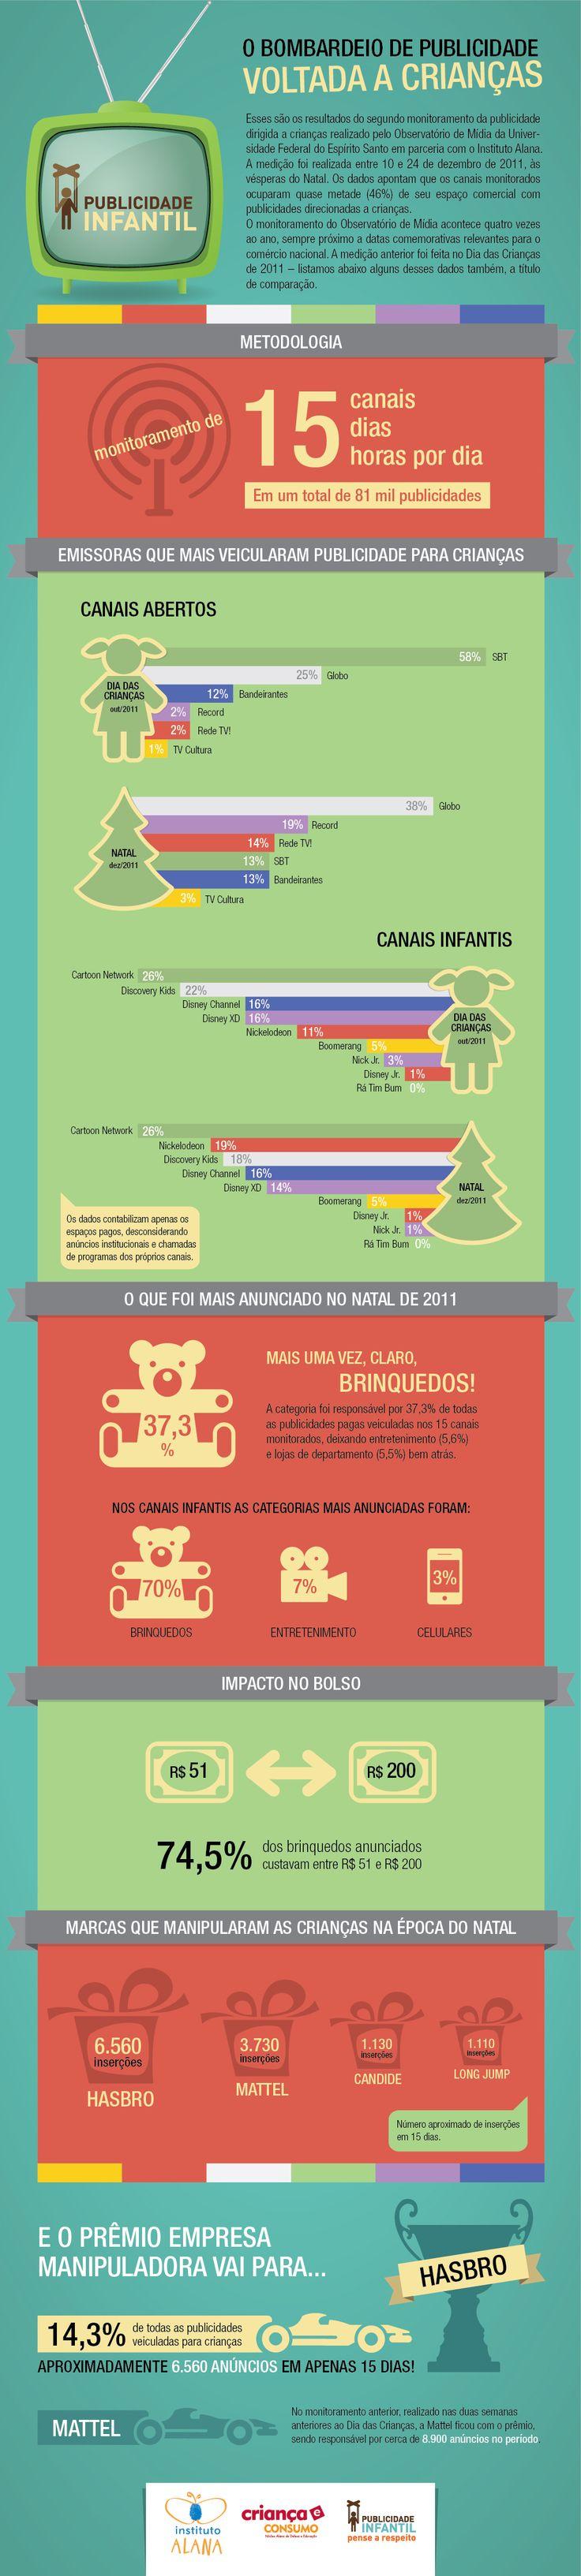 Publicidade Infantil no Brasil. O excesso de propaganda direcionada para incentivar o consumismo nas crianças.